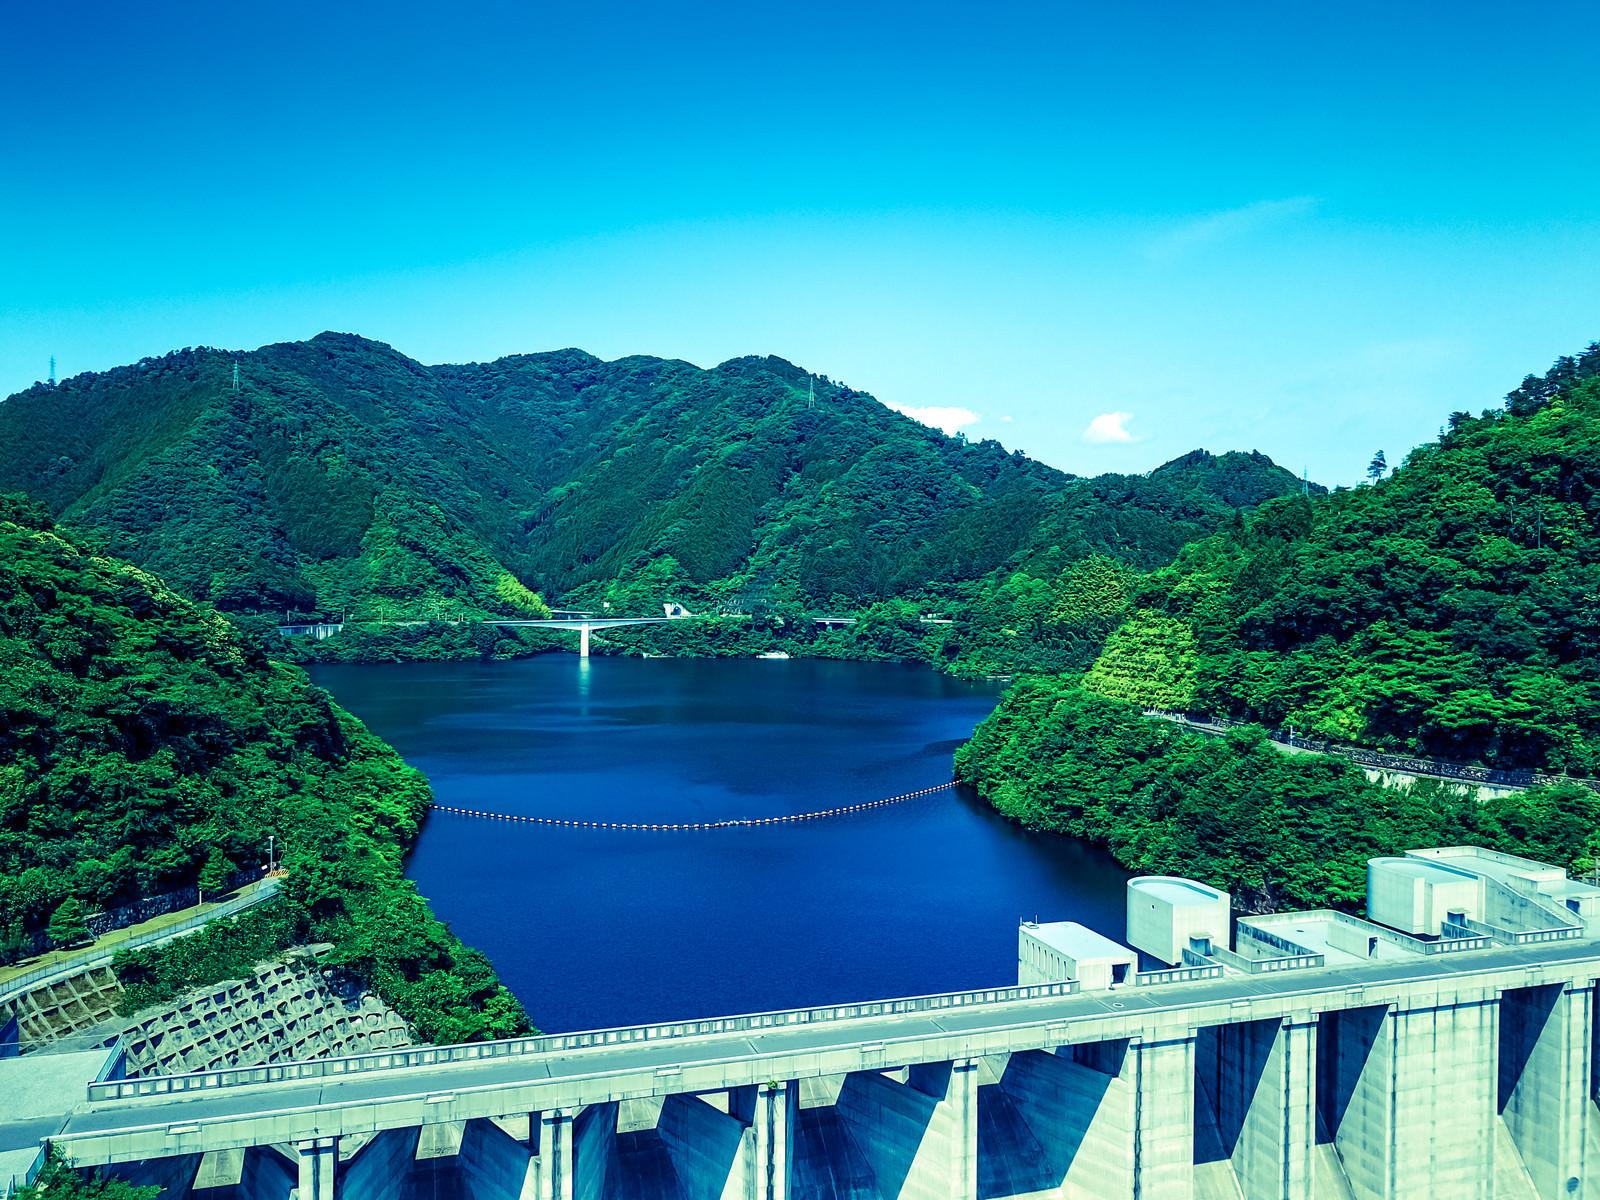 「奥津湖と苫田ダム(岡山県鏡野町)」の写真